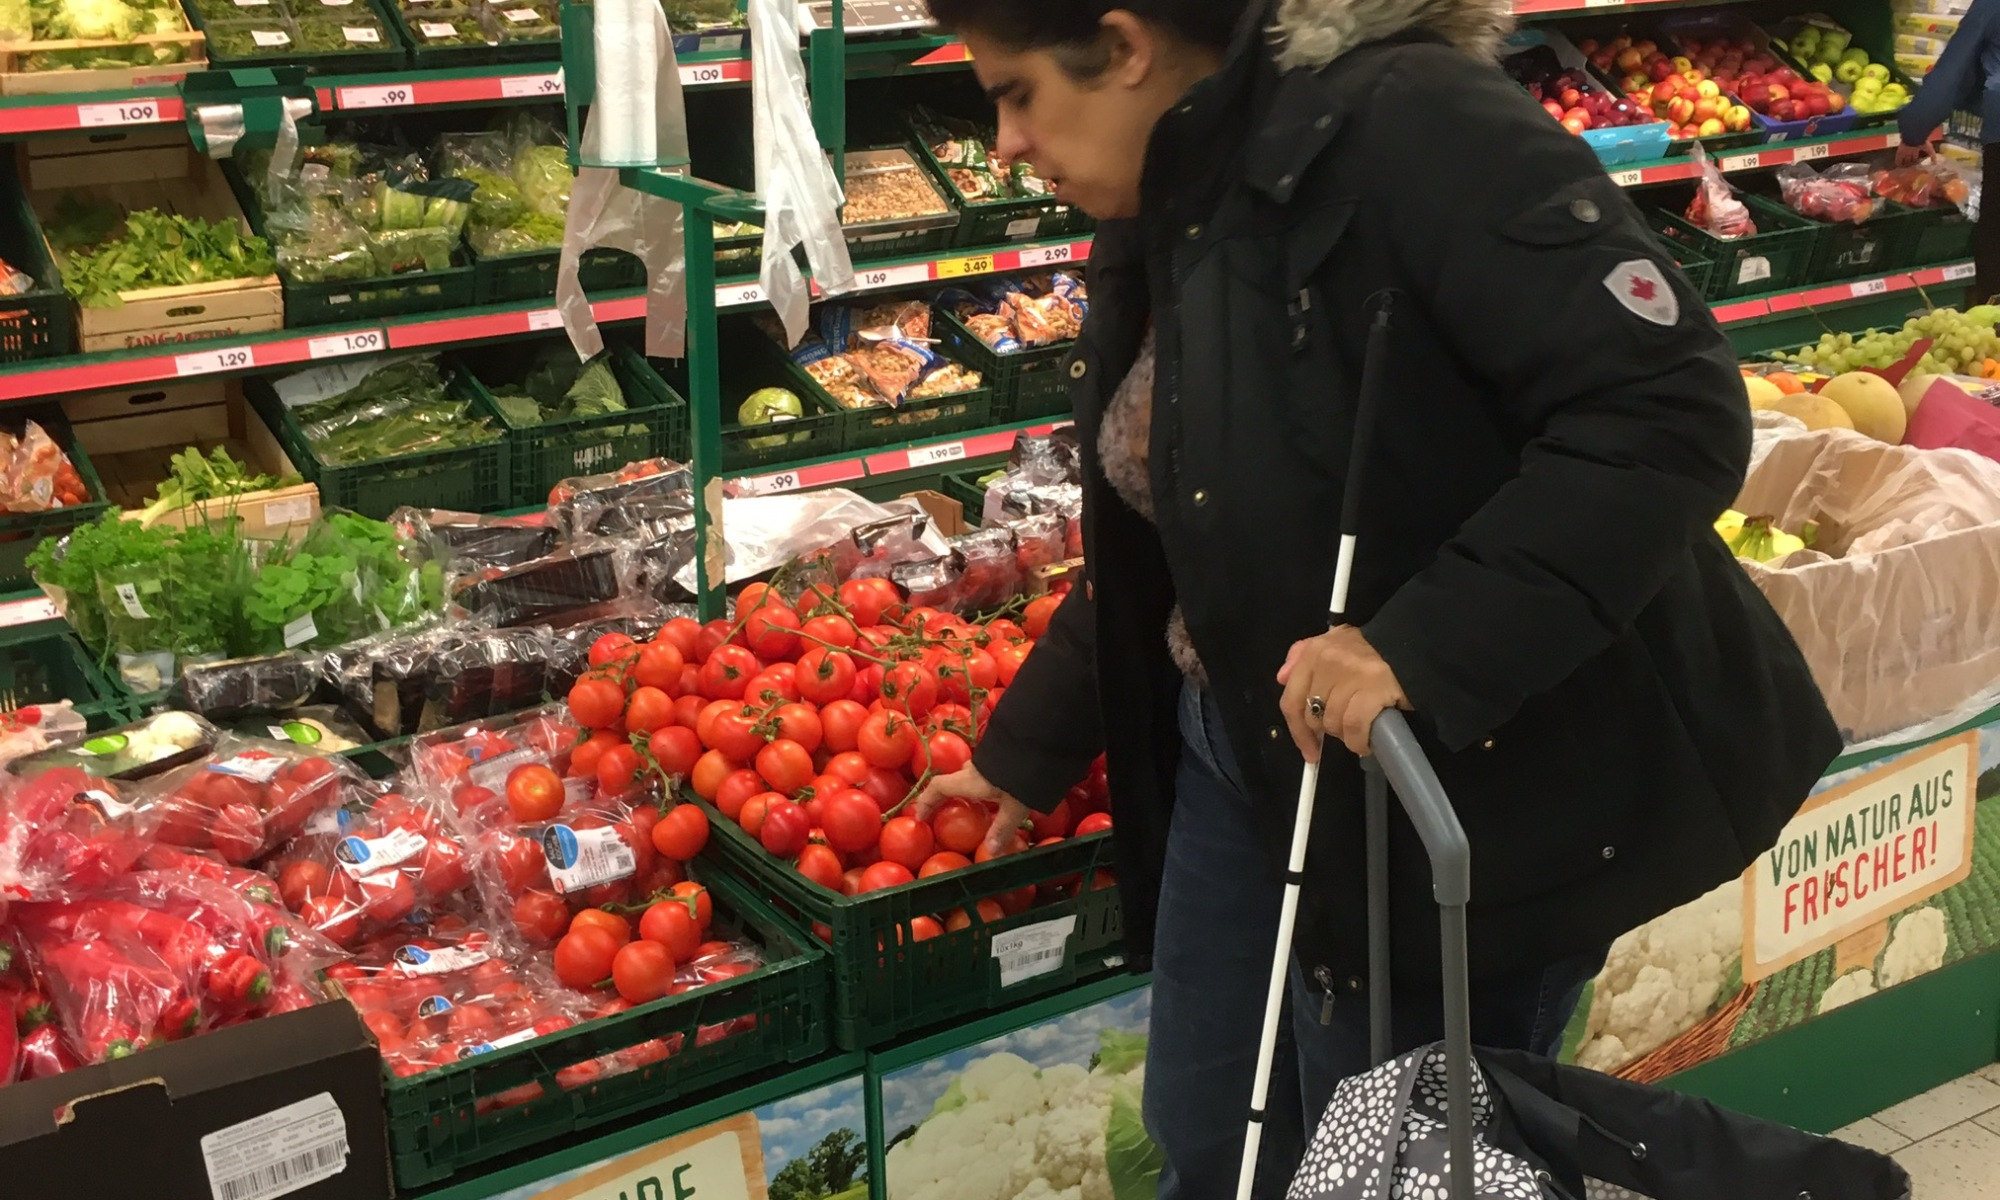 Lydia mit Blindenstock und Shopper am Obststand eines Supermarktes.